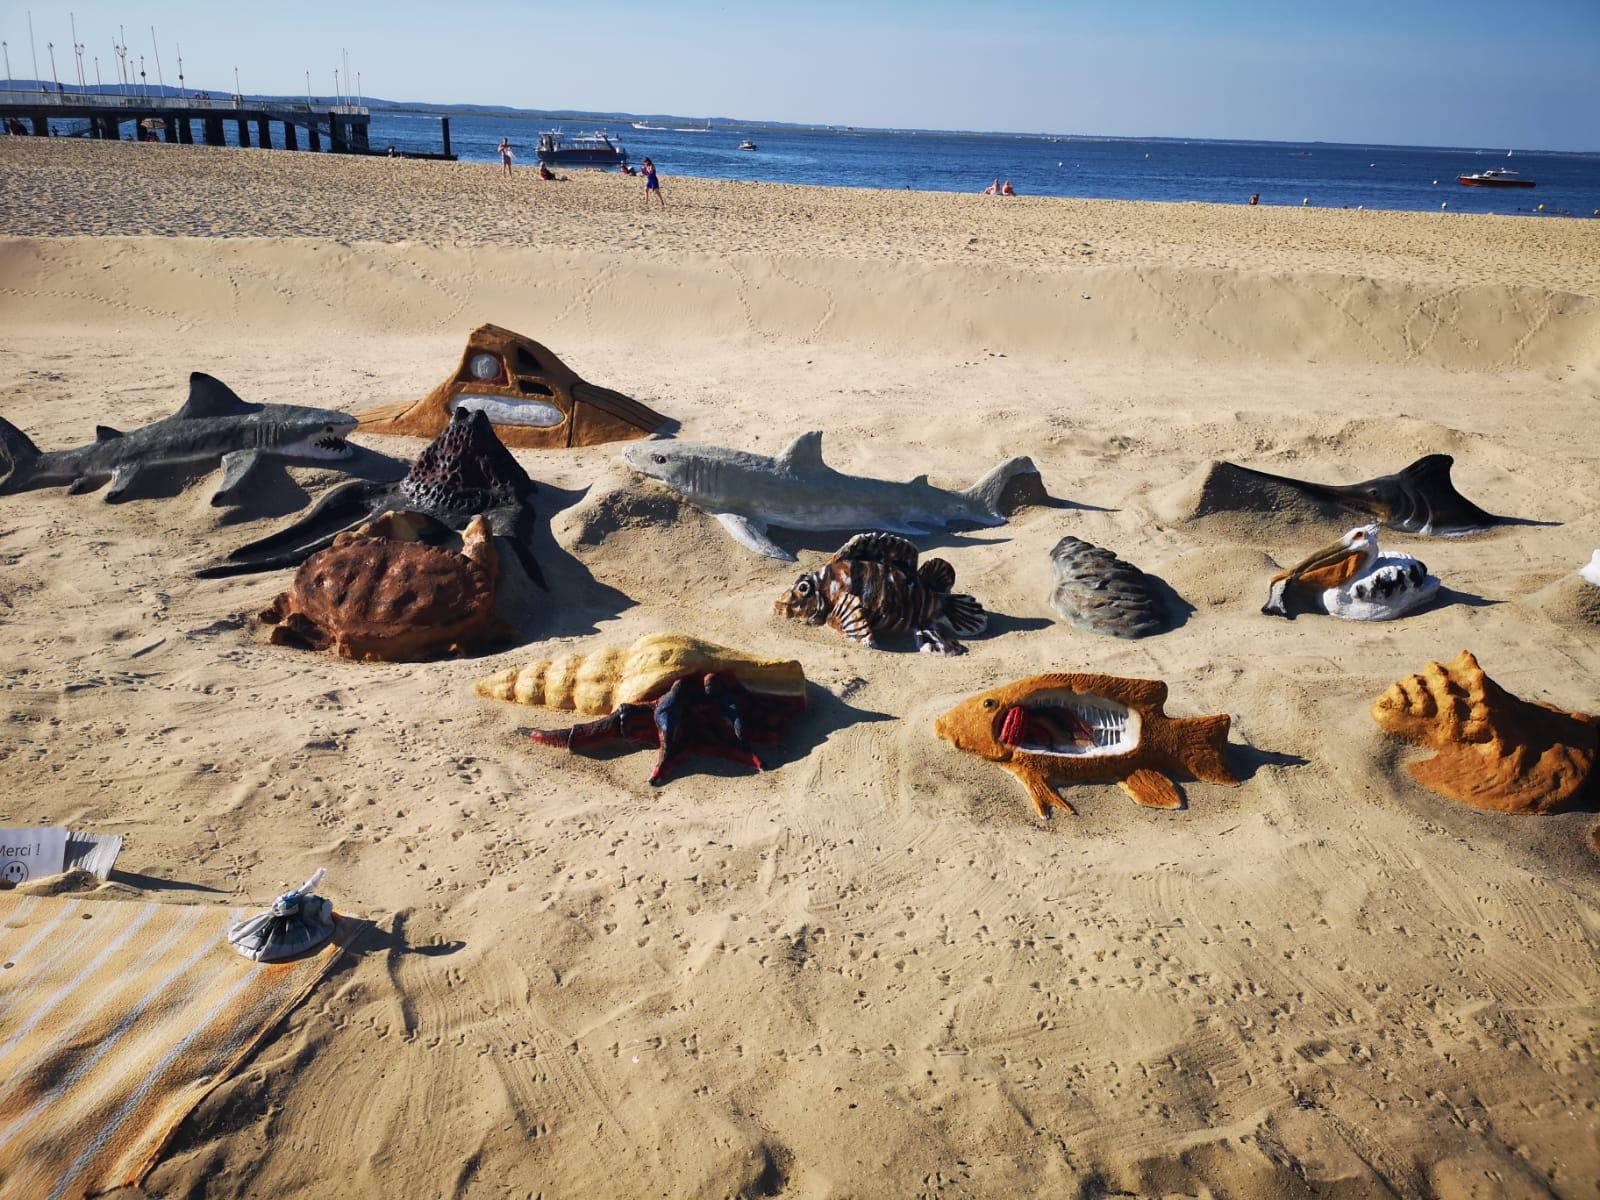 Zandsculpturen op het strand in Frankrijk - Domaine de Soulac - kindvriendelijk kamperen